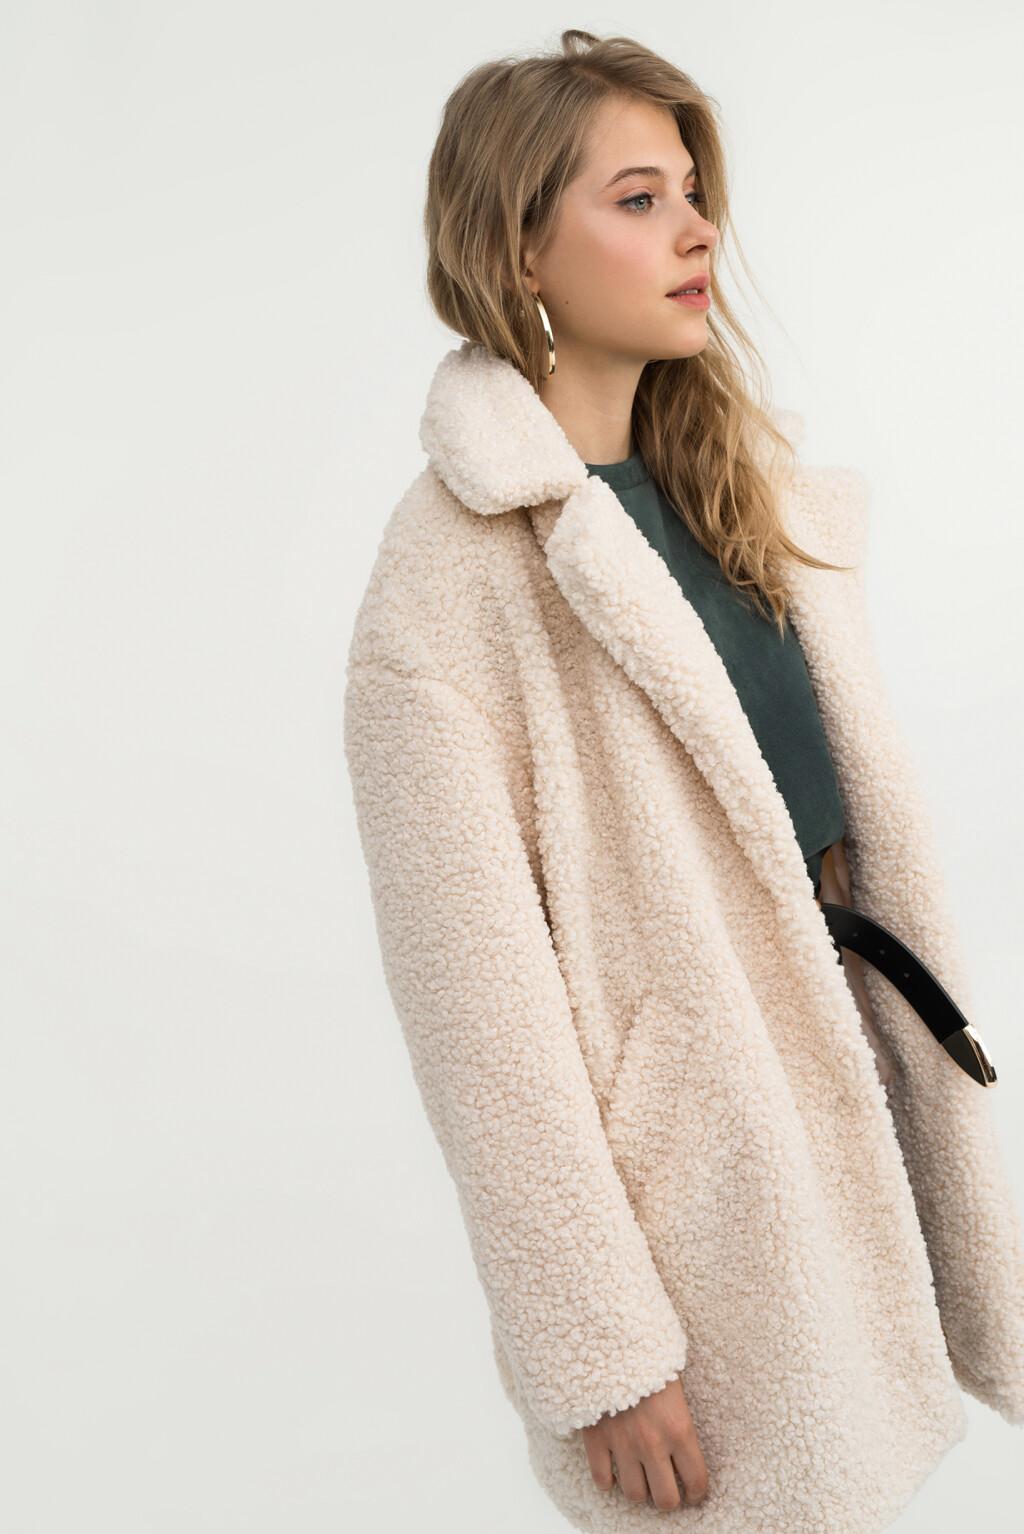 Белье женское купить краснодар вязаное нижнее белье женское крючком